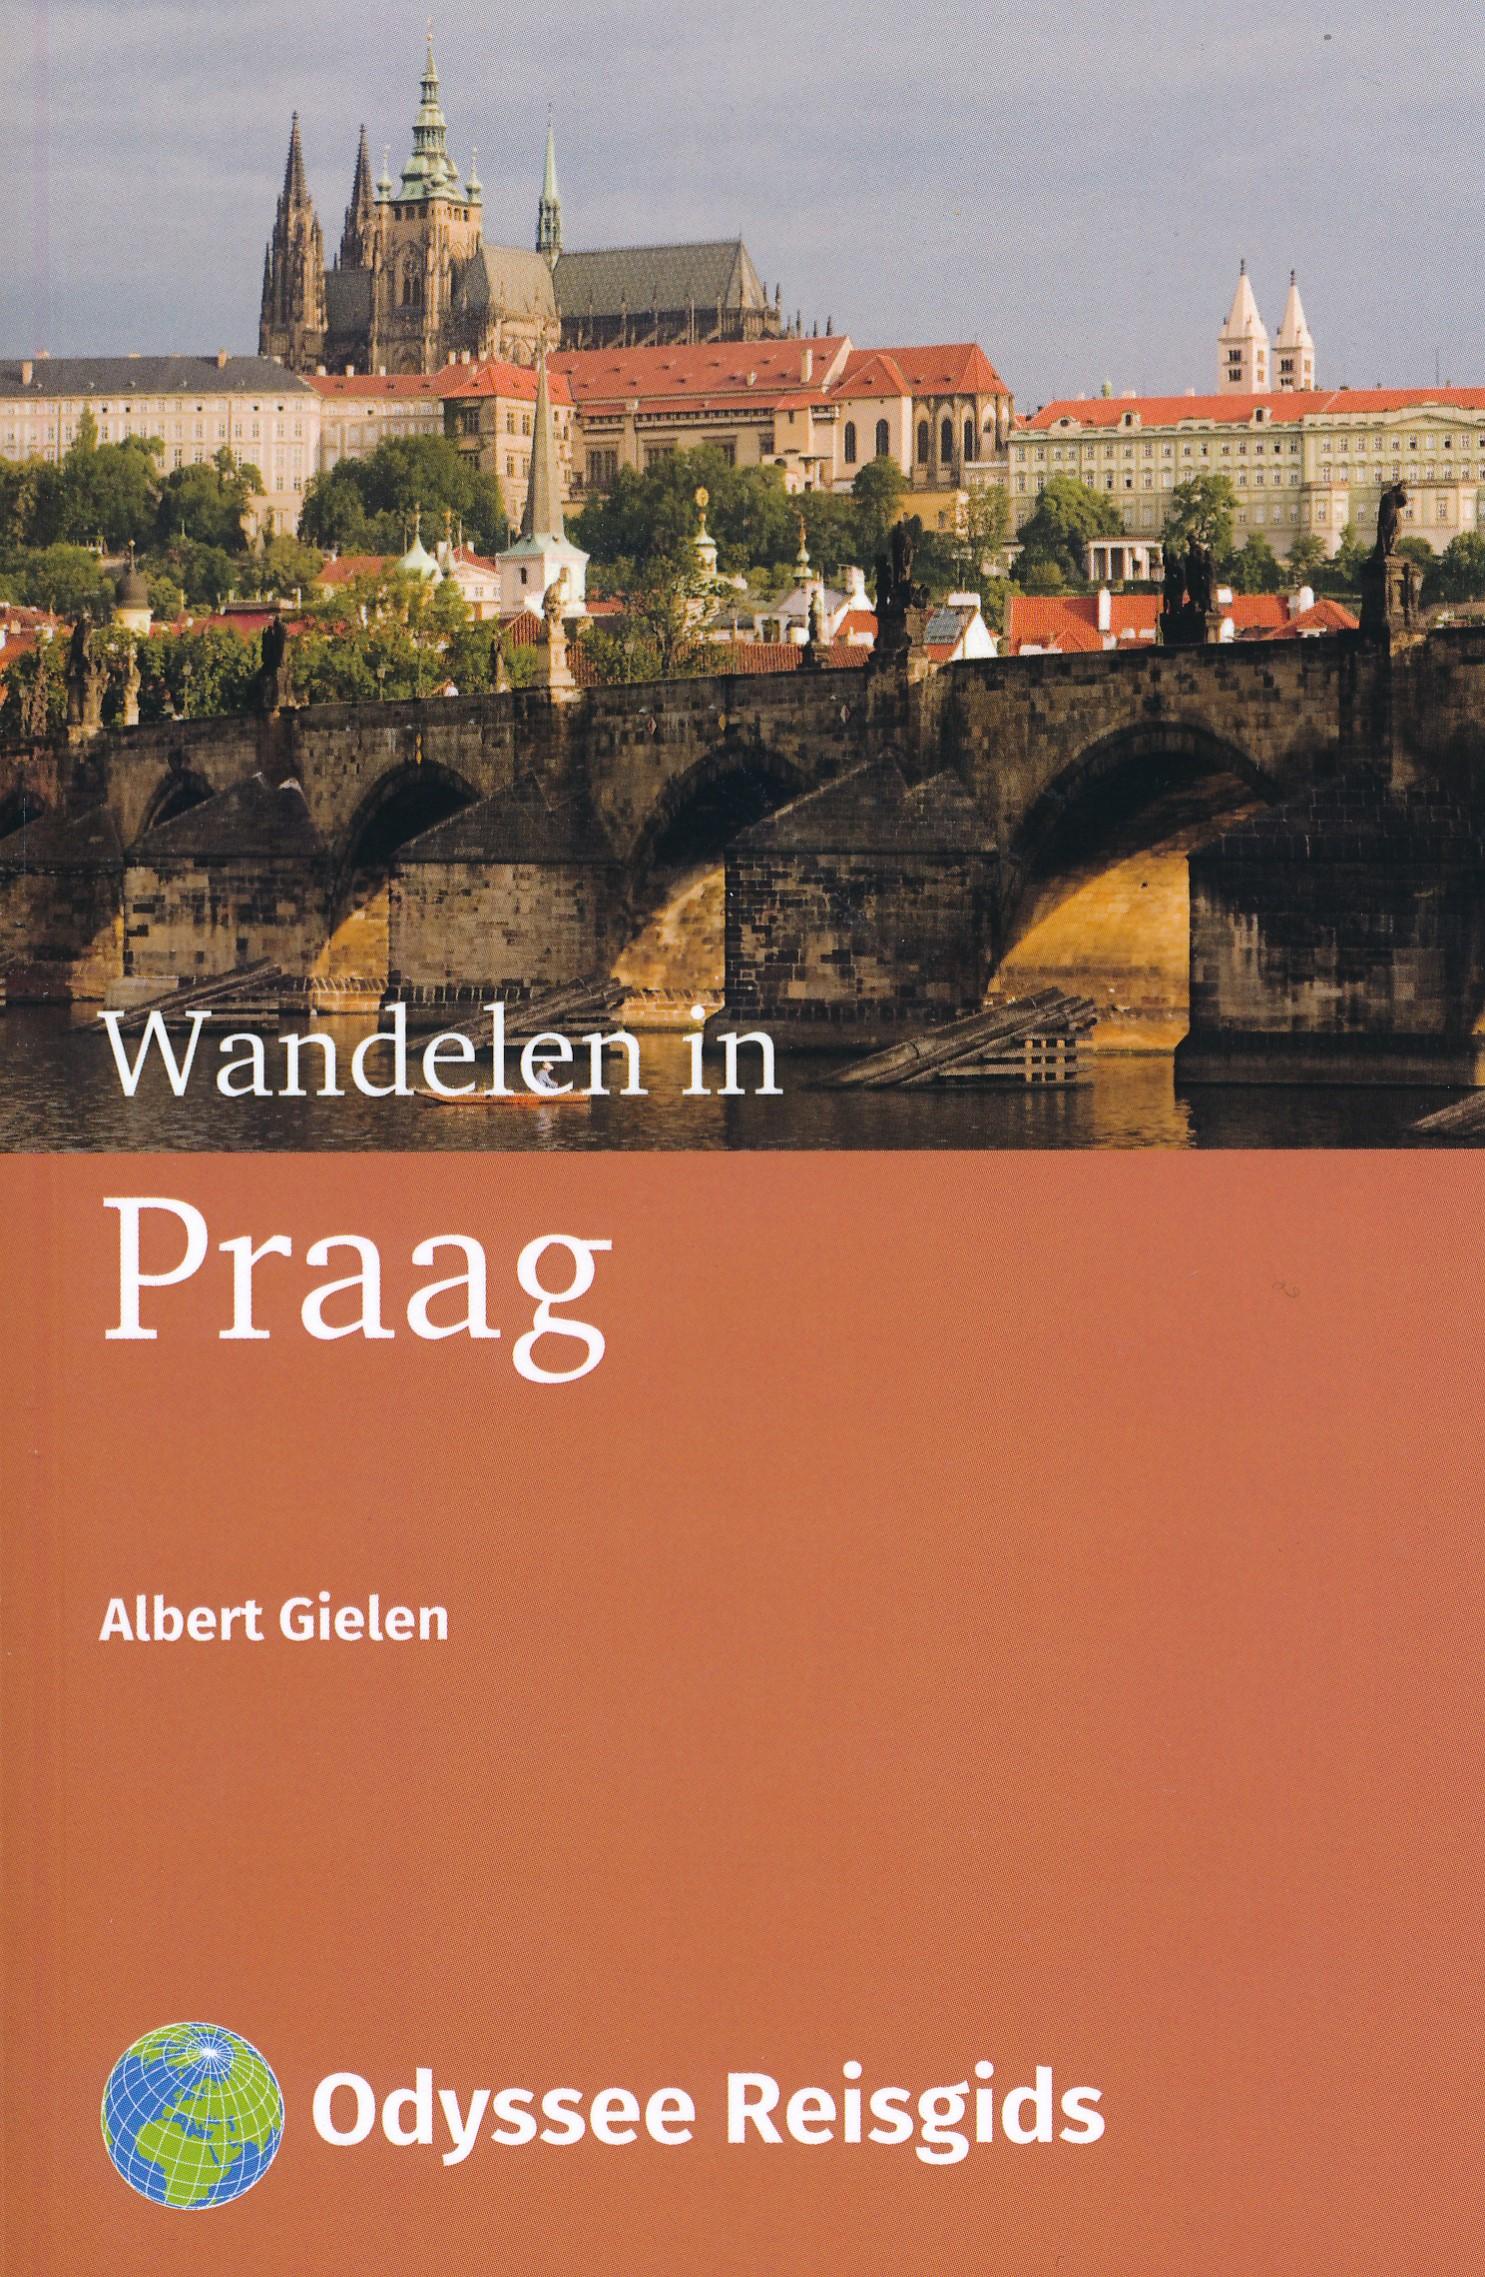 Wandelgids Wandelen in Praag | Odyssee Reisgidsen